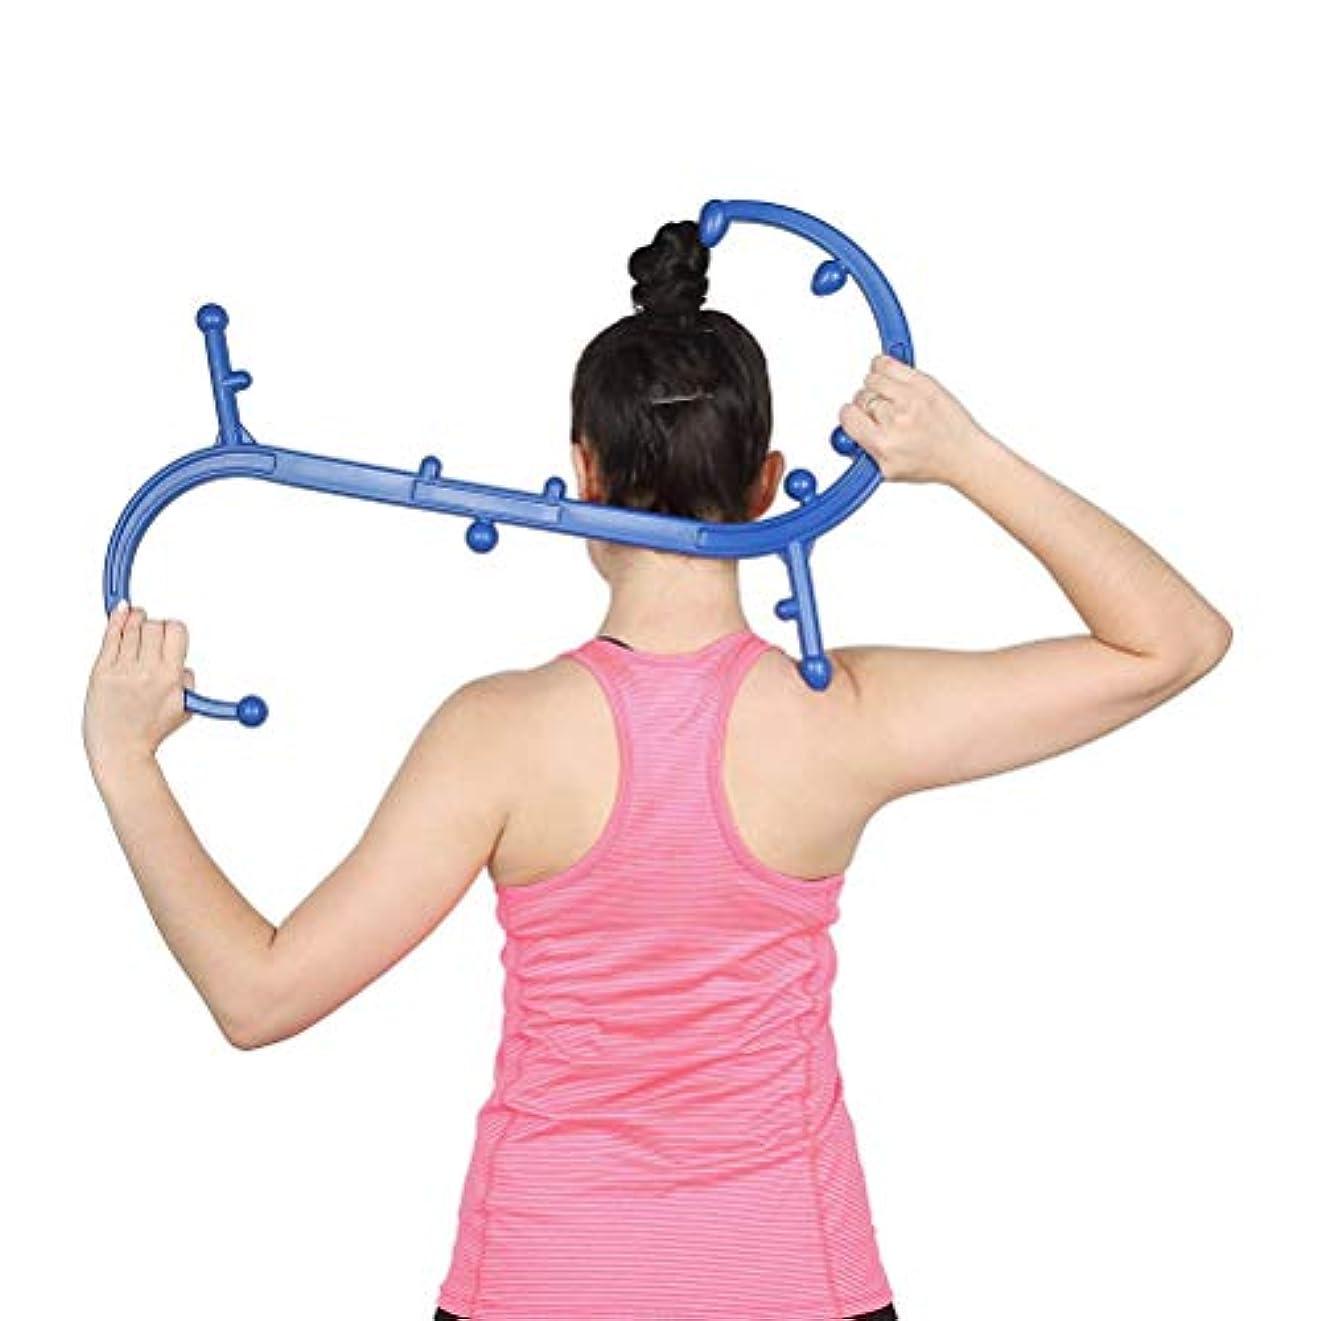 十一再生可能勤勉Quner 指圧代用器 ボディバックバディ ツボ押しグッズ ネックマッサージャー 肩こり解消 Trigger Point Therapy Self Massage (ブルー)